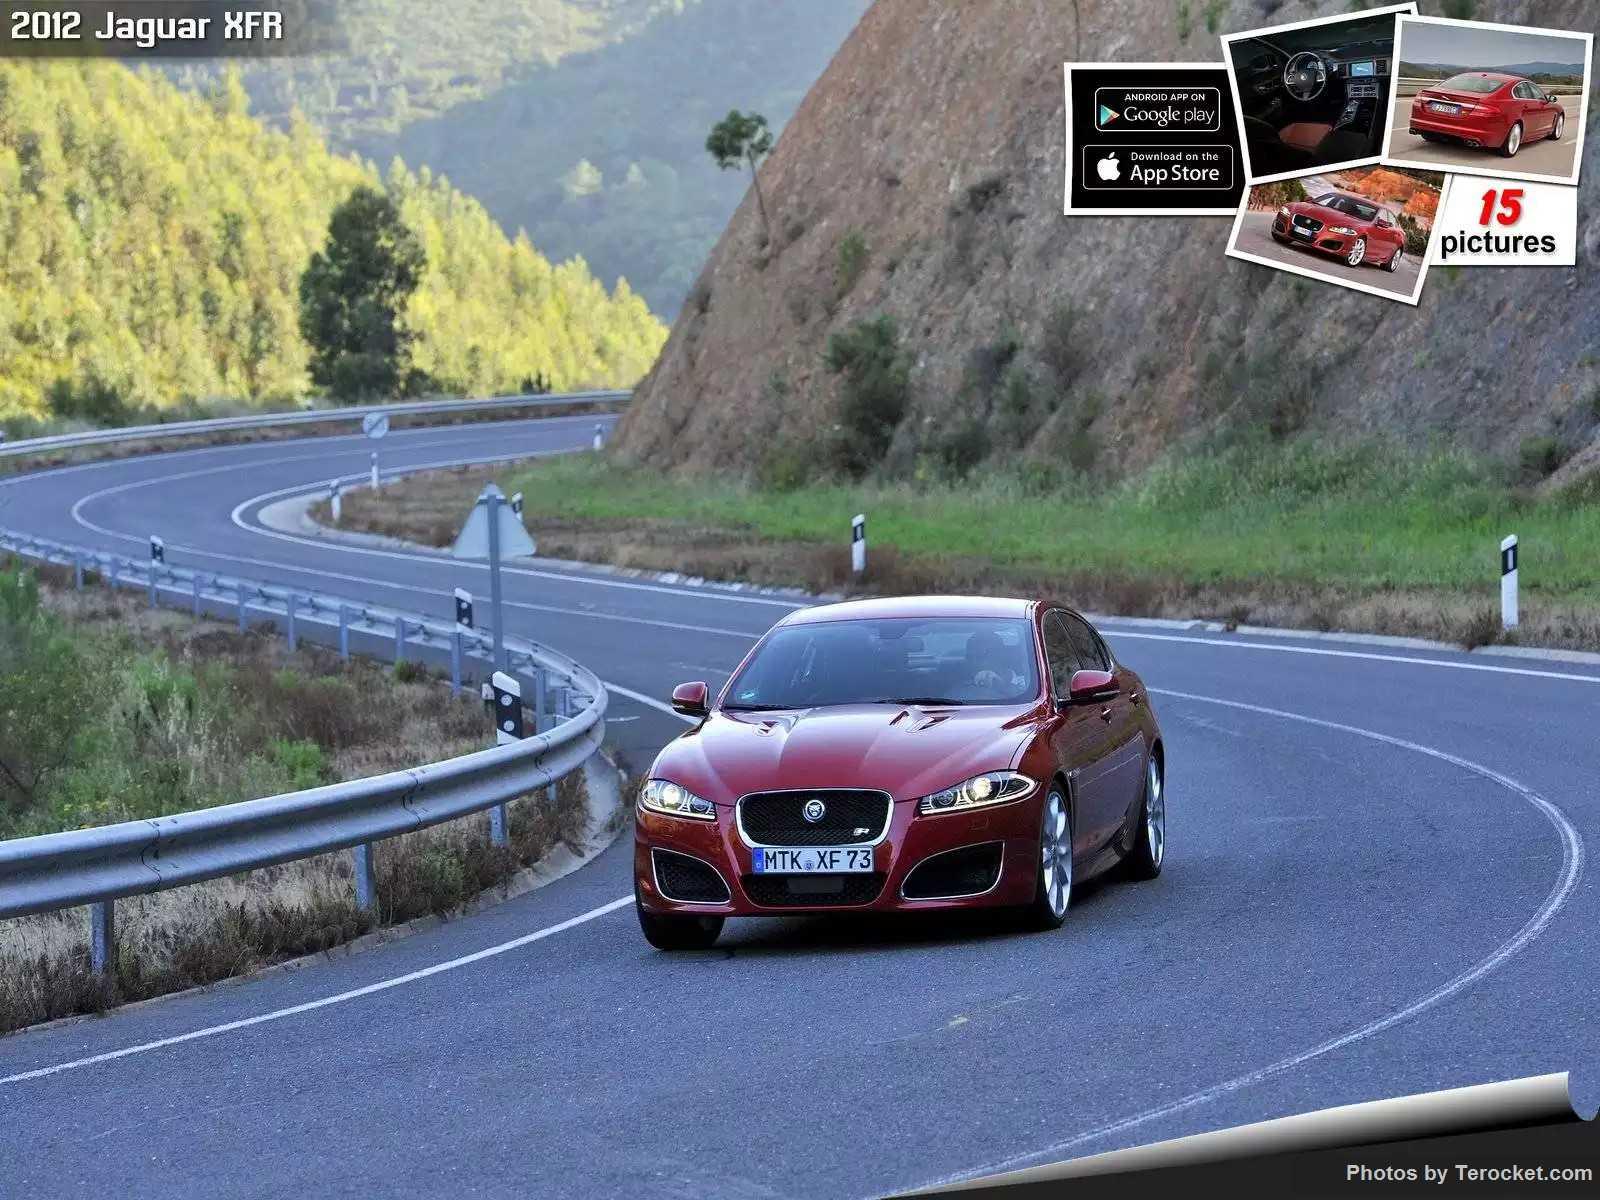 Hình ảnh xe ô tô Jaguar XFR 2012 & nội ngoại thất